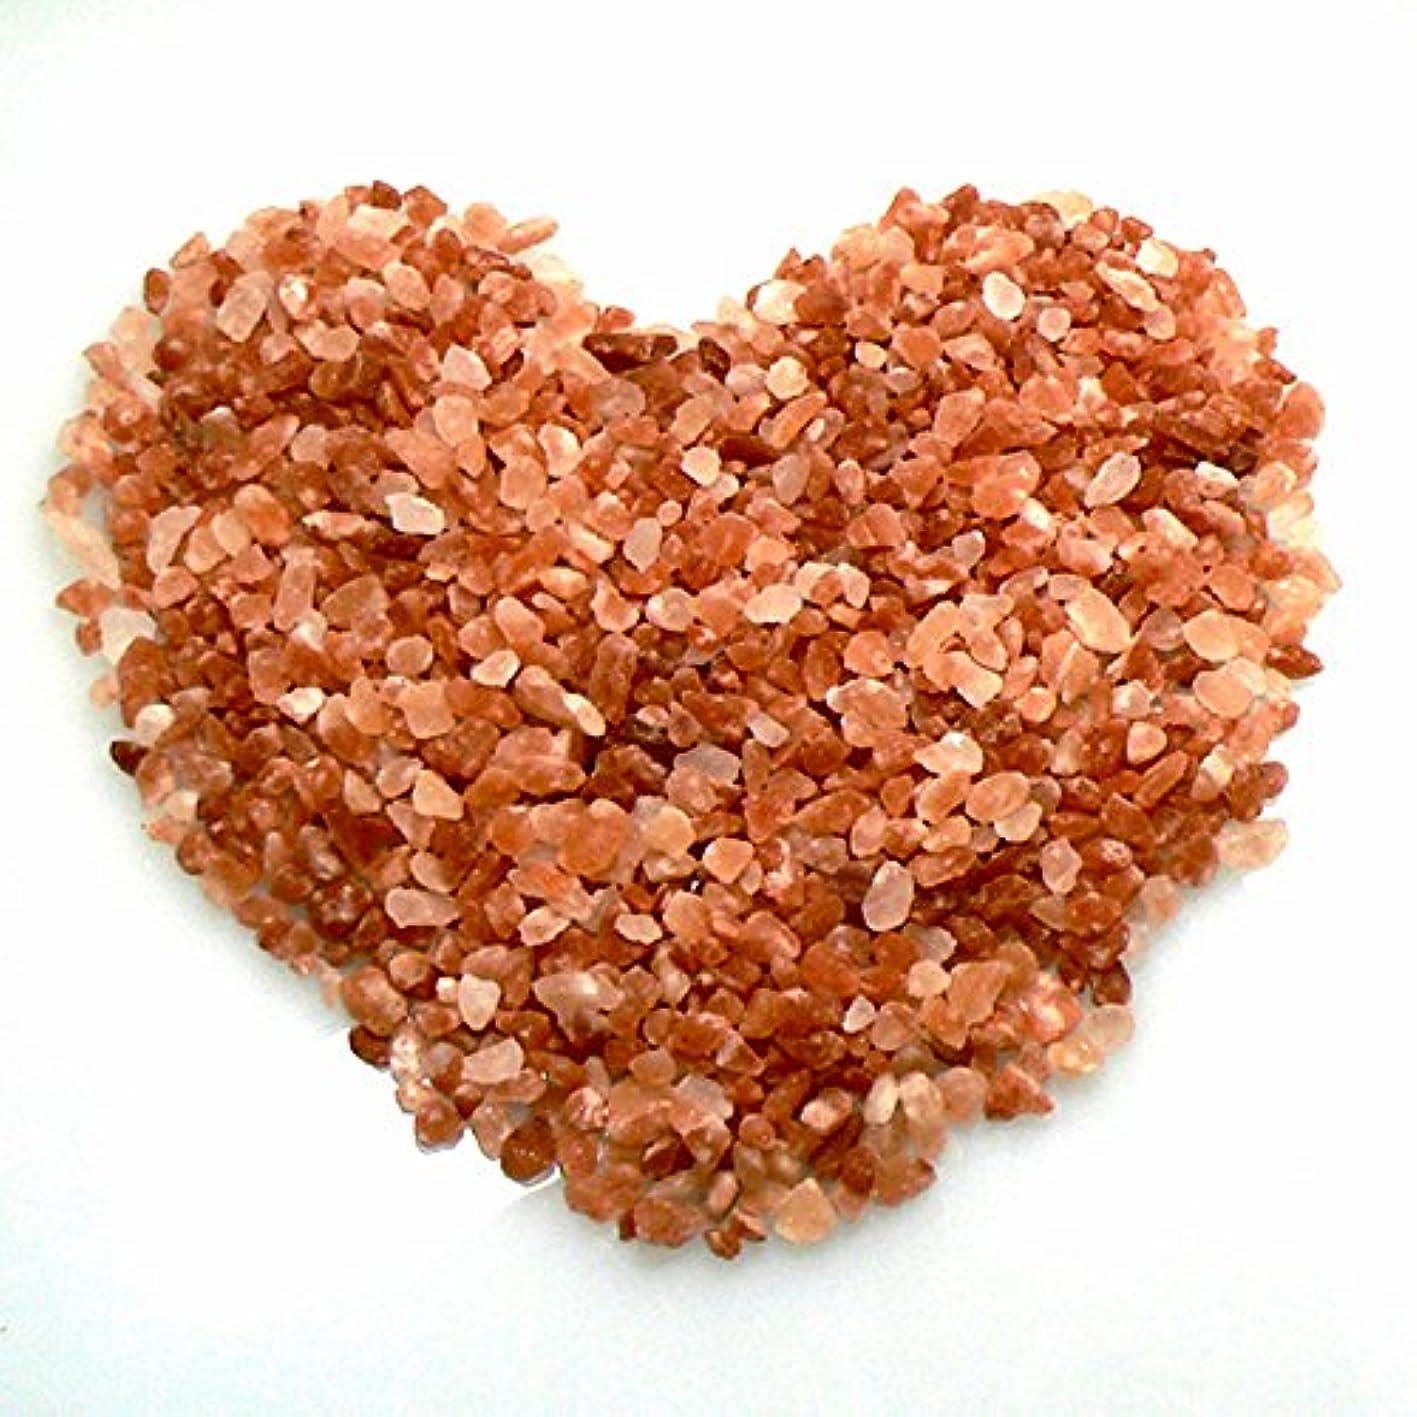 小さい混乱させる避けられない増量中!ヒマラヤ岩塩 ピンクソルト 入浴用 バスソルト(小粒) ピンク岩塩 (5kg+1kg増量)